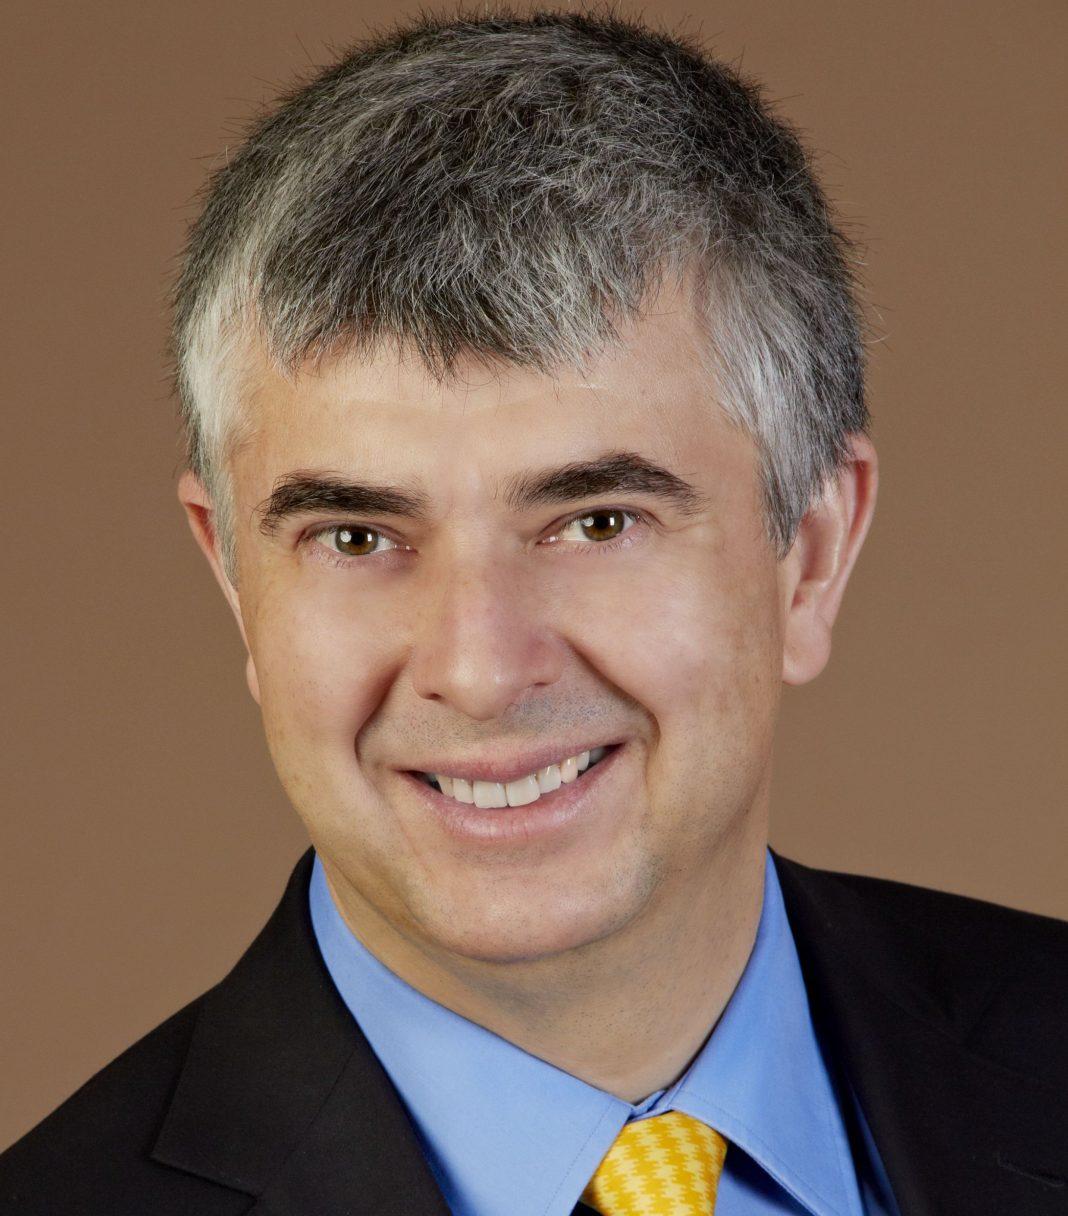 Dr. Markus Warncke, Villeroy & Boch AG